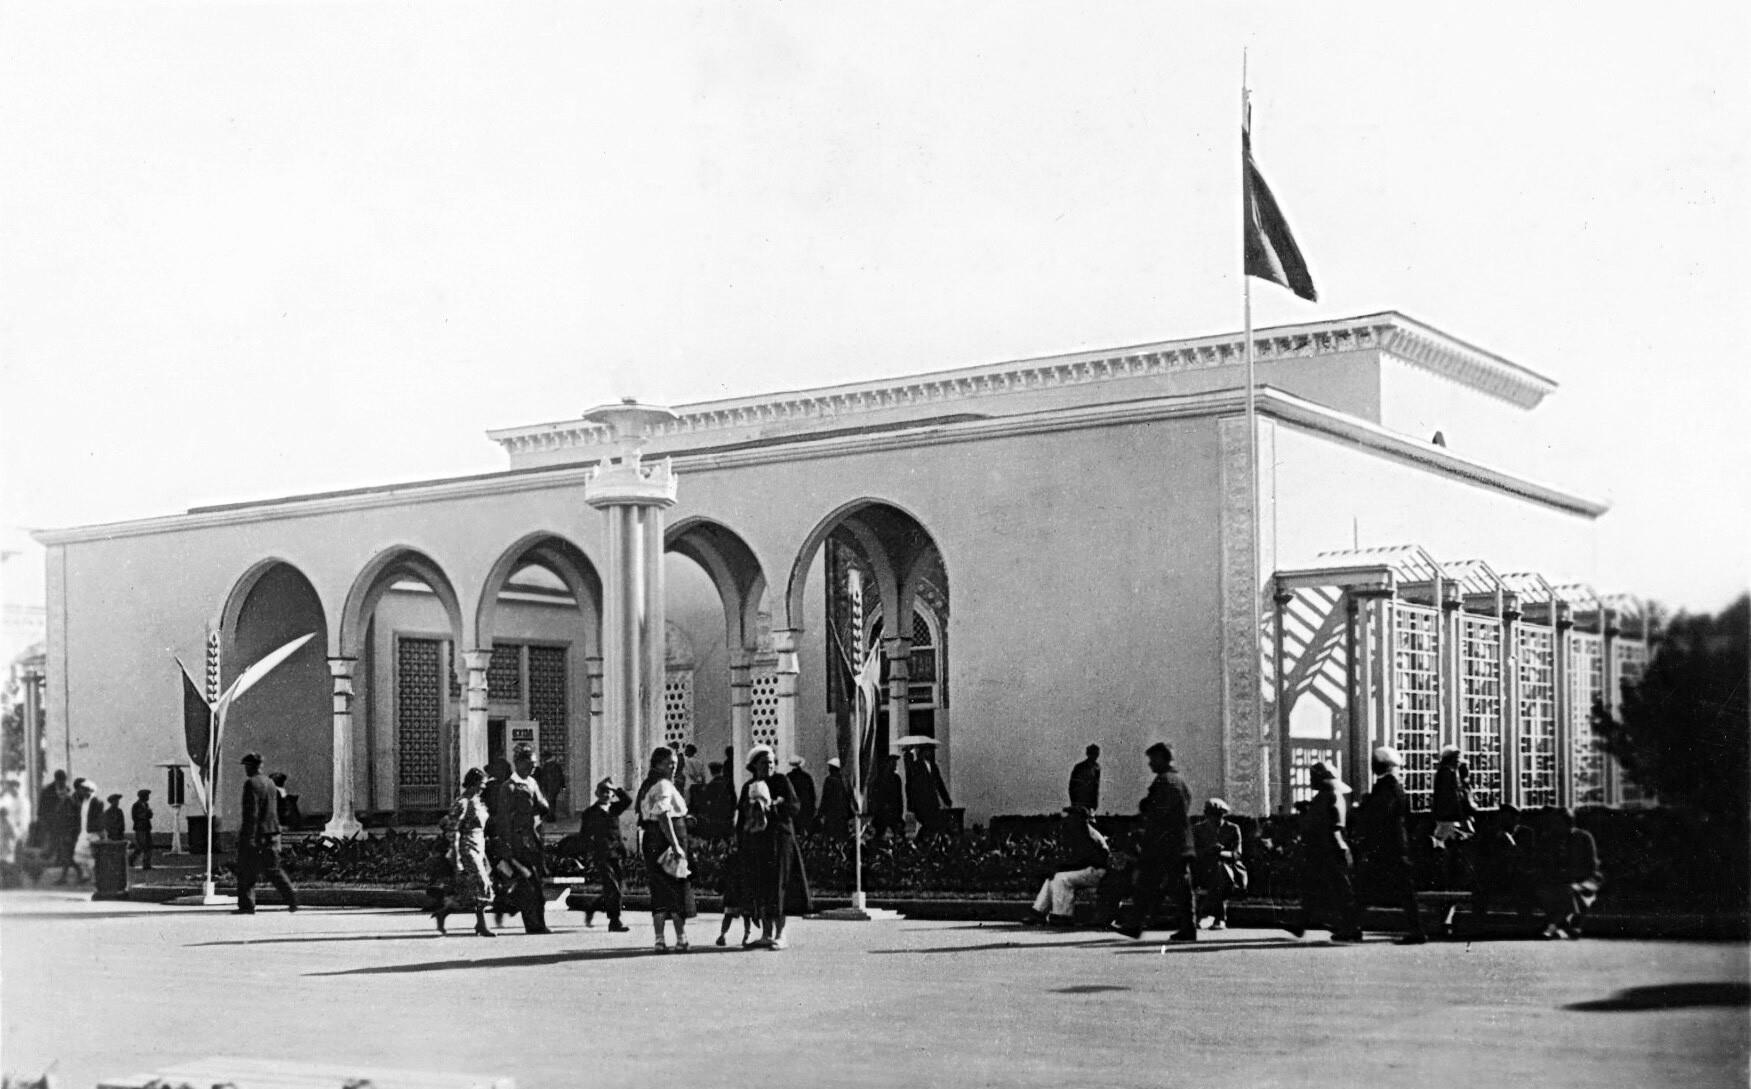 Padiglione della Repubblica Socialista Sovietica Autonoma Tatara in una foto del 1939